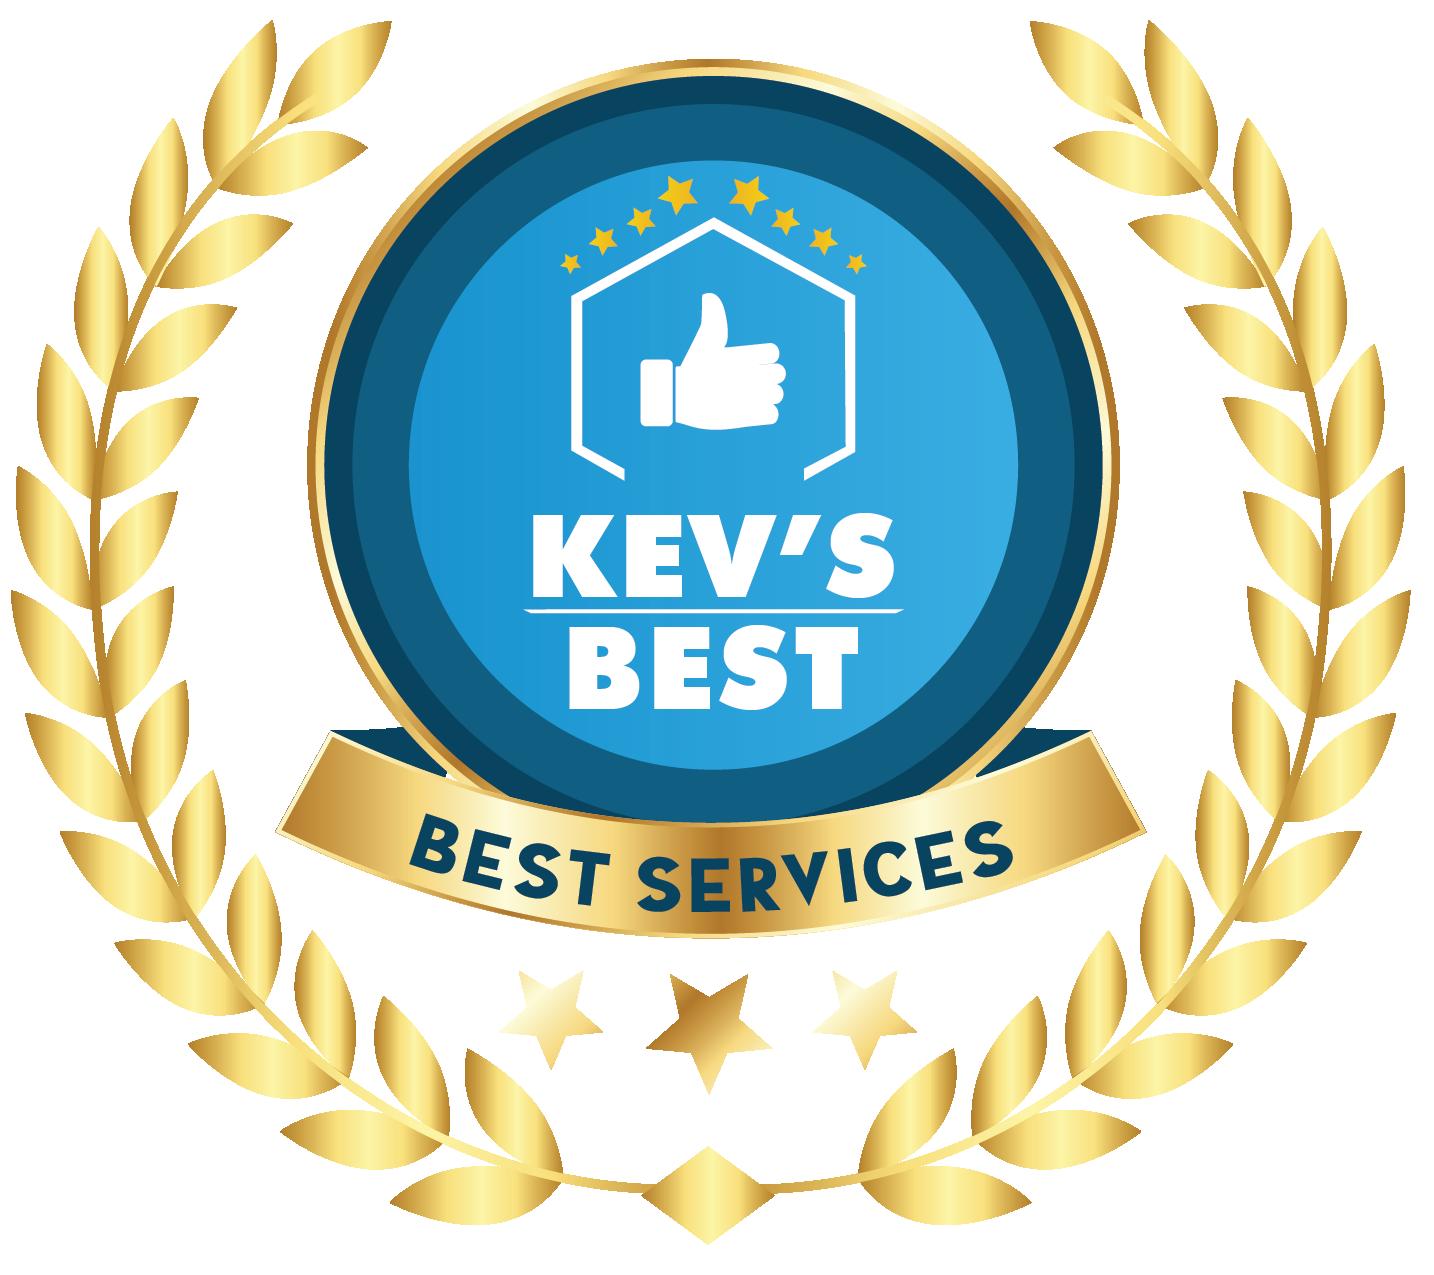 Best Landscaping Company in Birmingham Award on Kev's Best